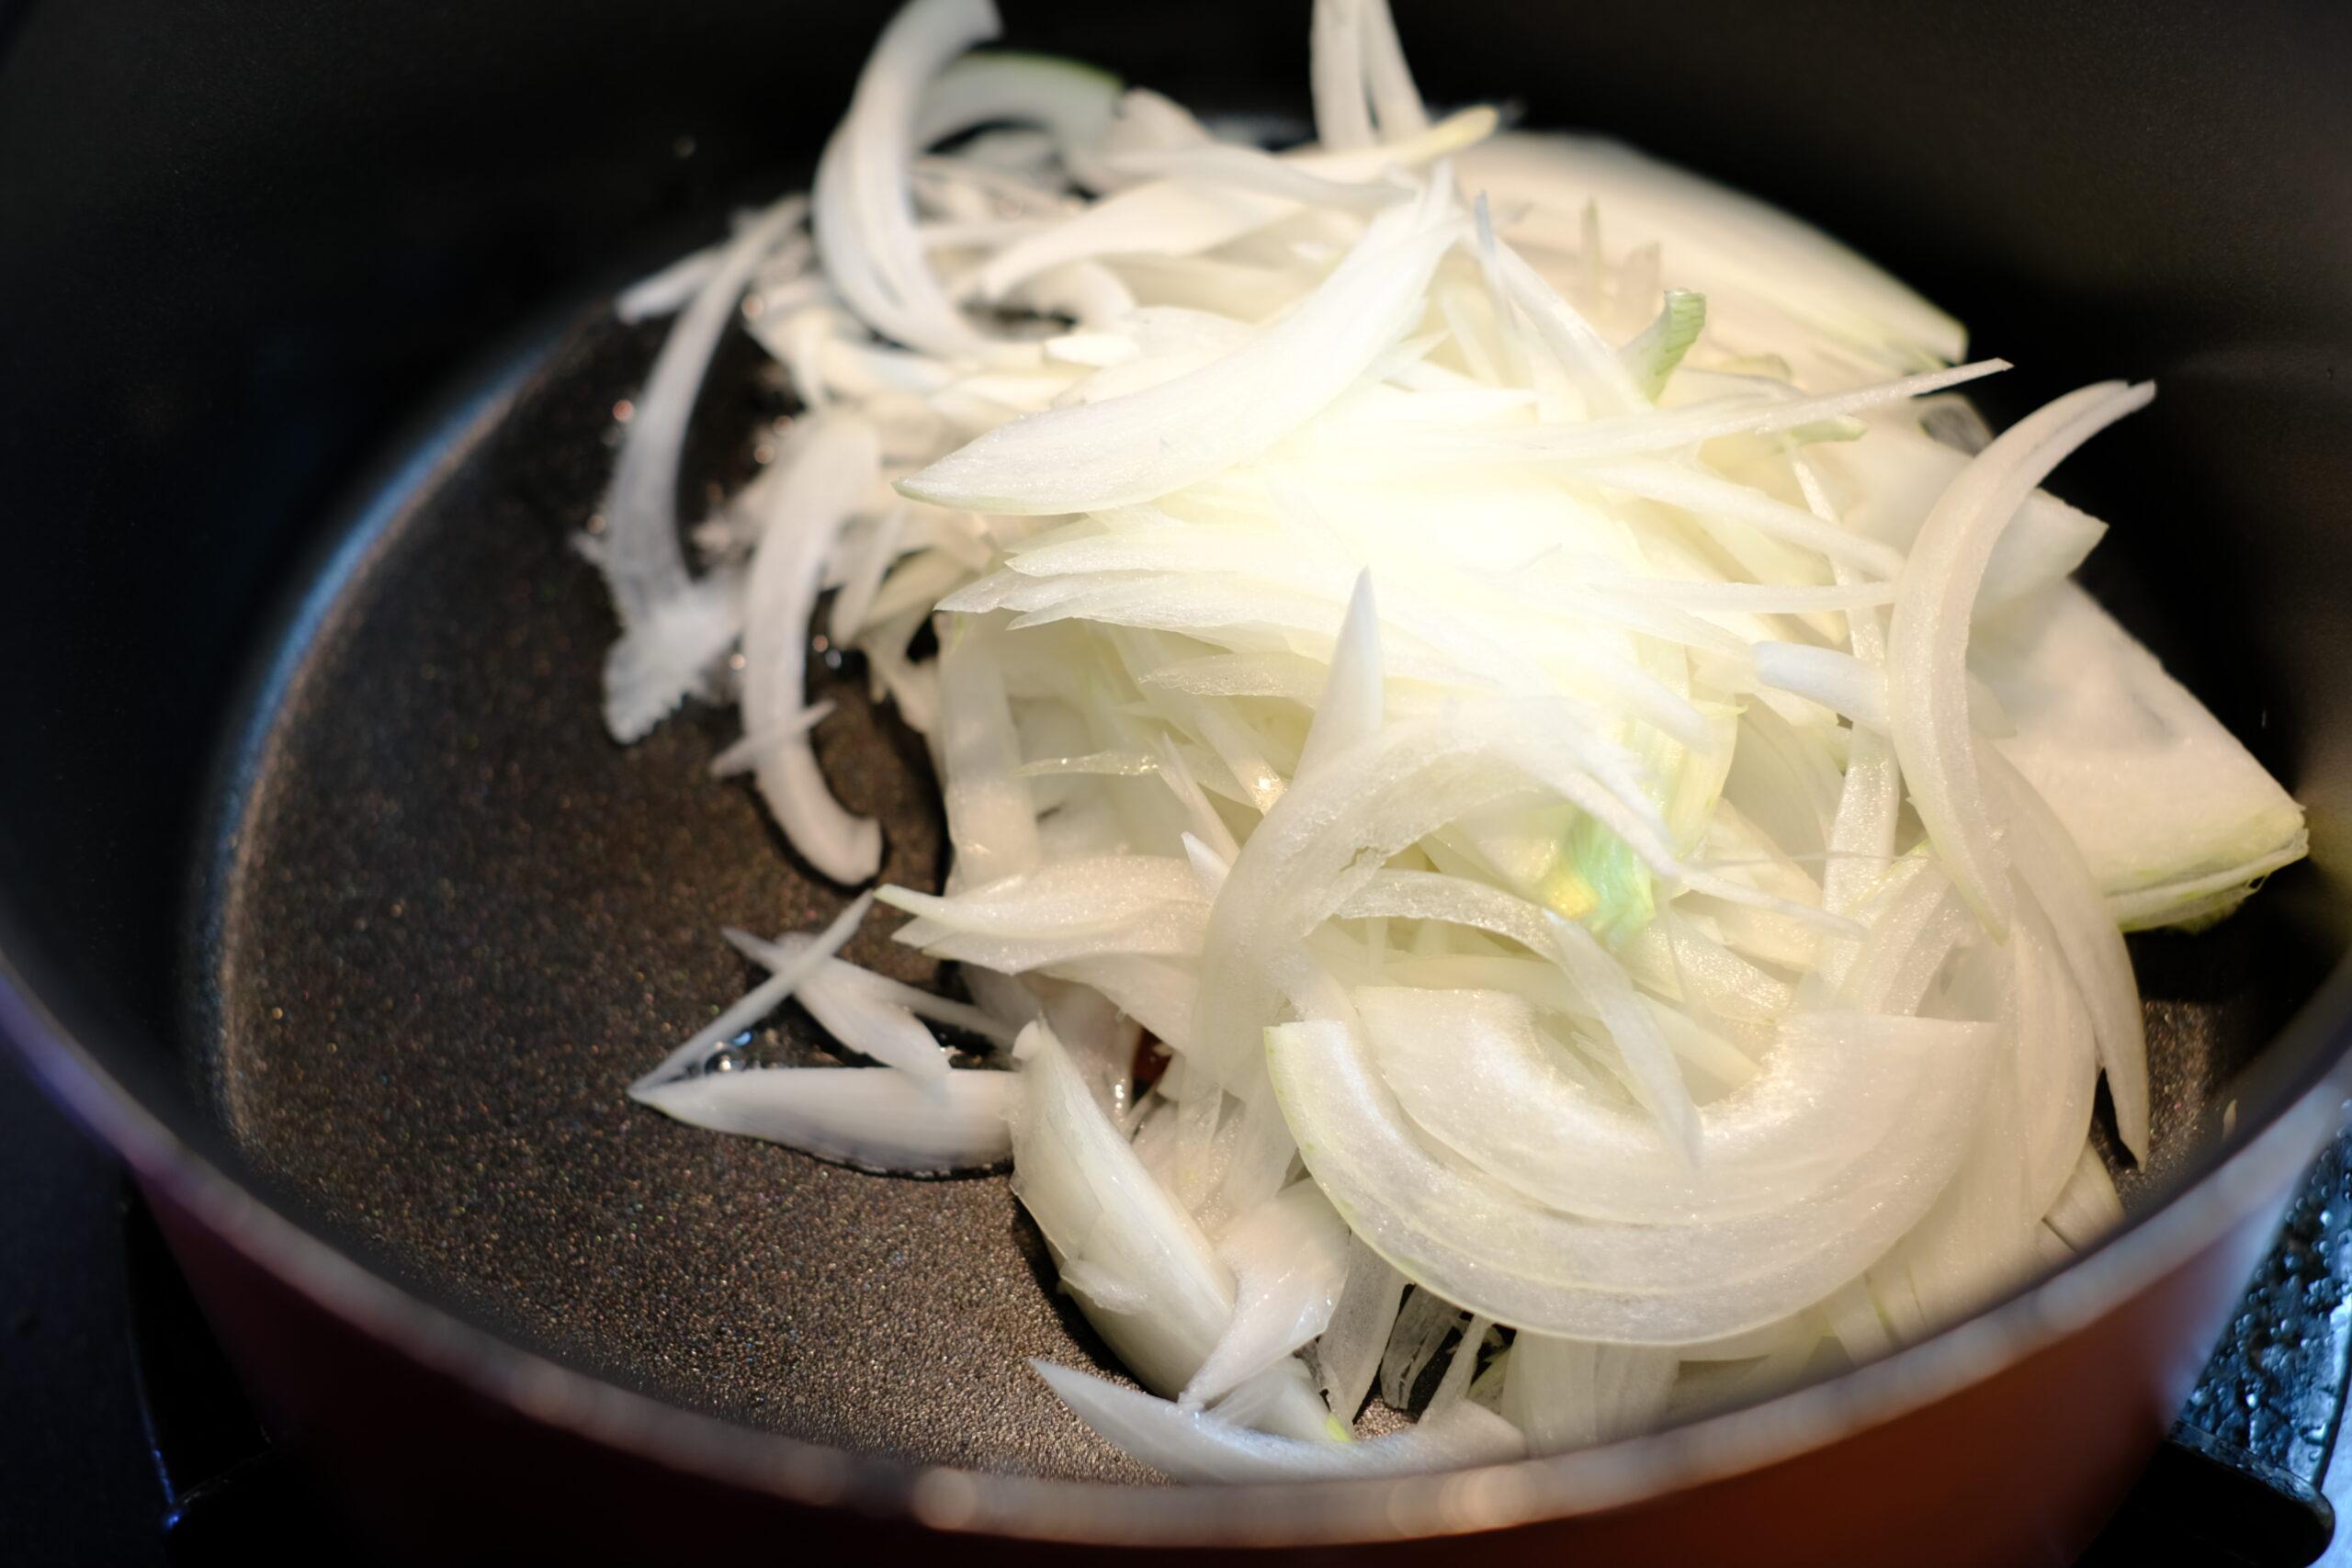 スライスした玉ねぎとサラダ油をフライパンに入れ炒め始めてた画像